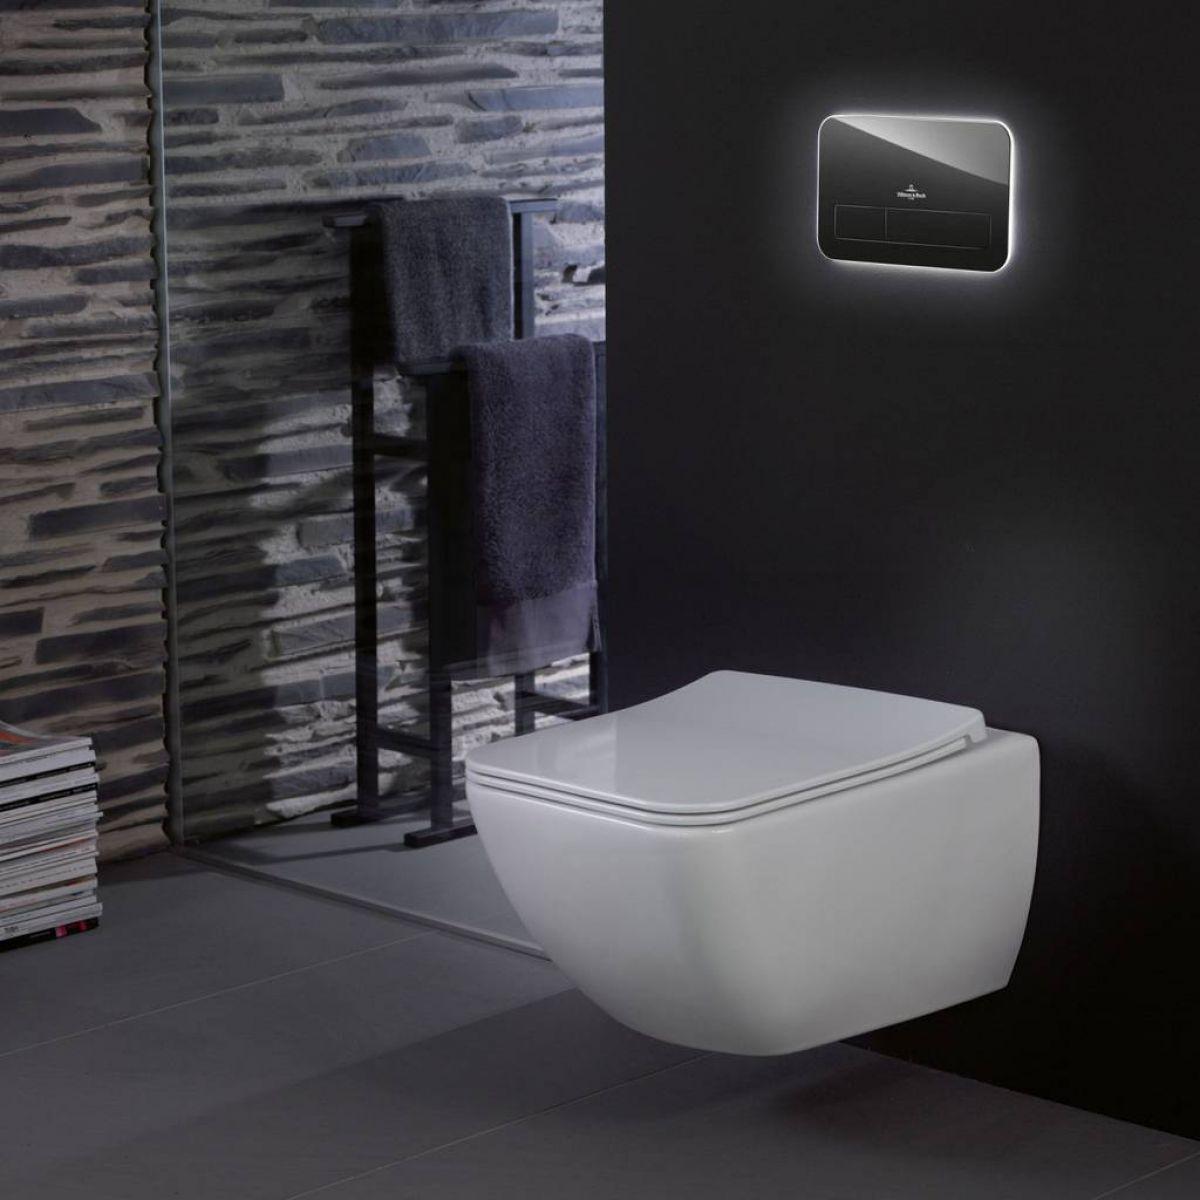 villeroy boch viconnect l200 glass flush plate with led lighting uk bathrooms. Black Bedroom Furniture Sets. Home Design Ideas